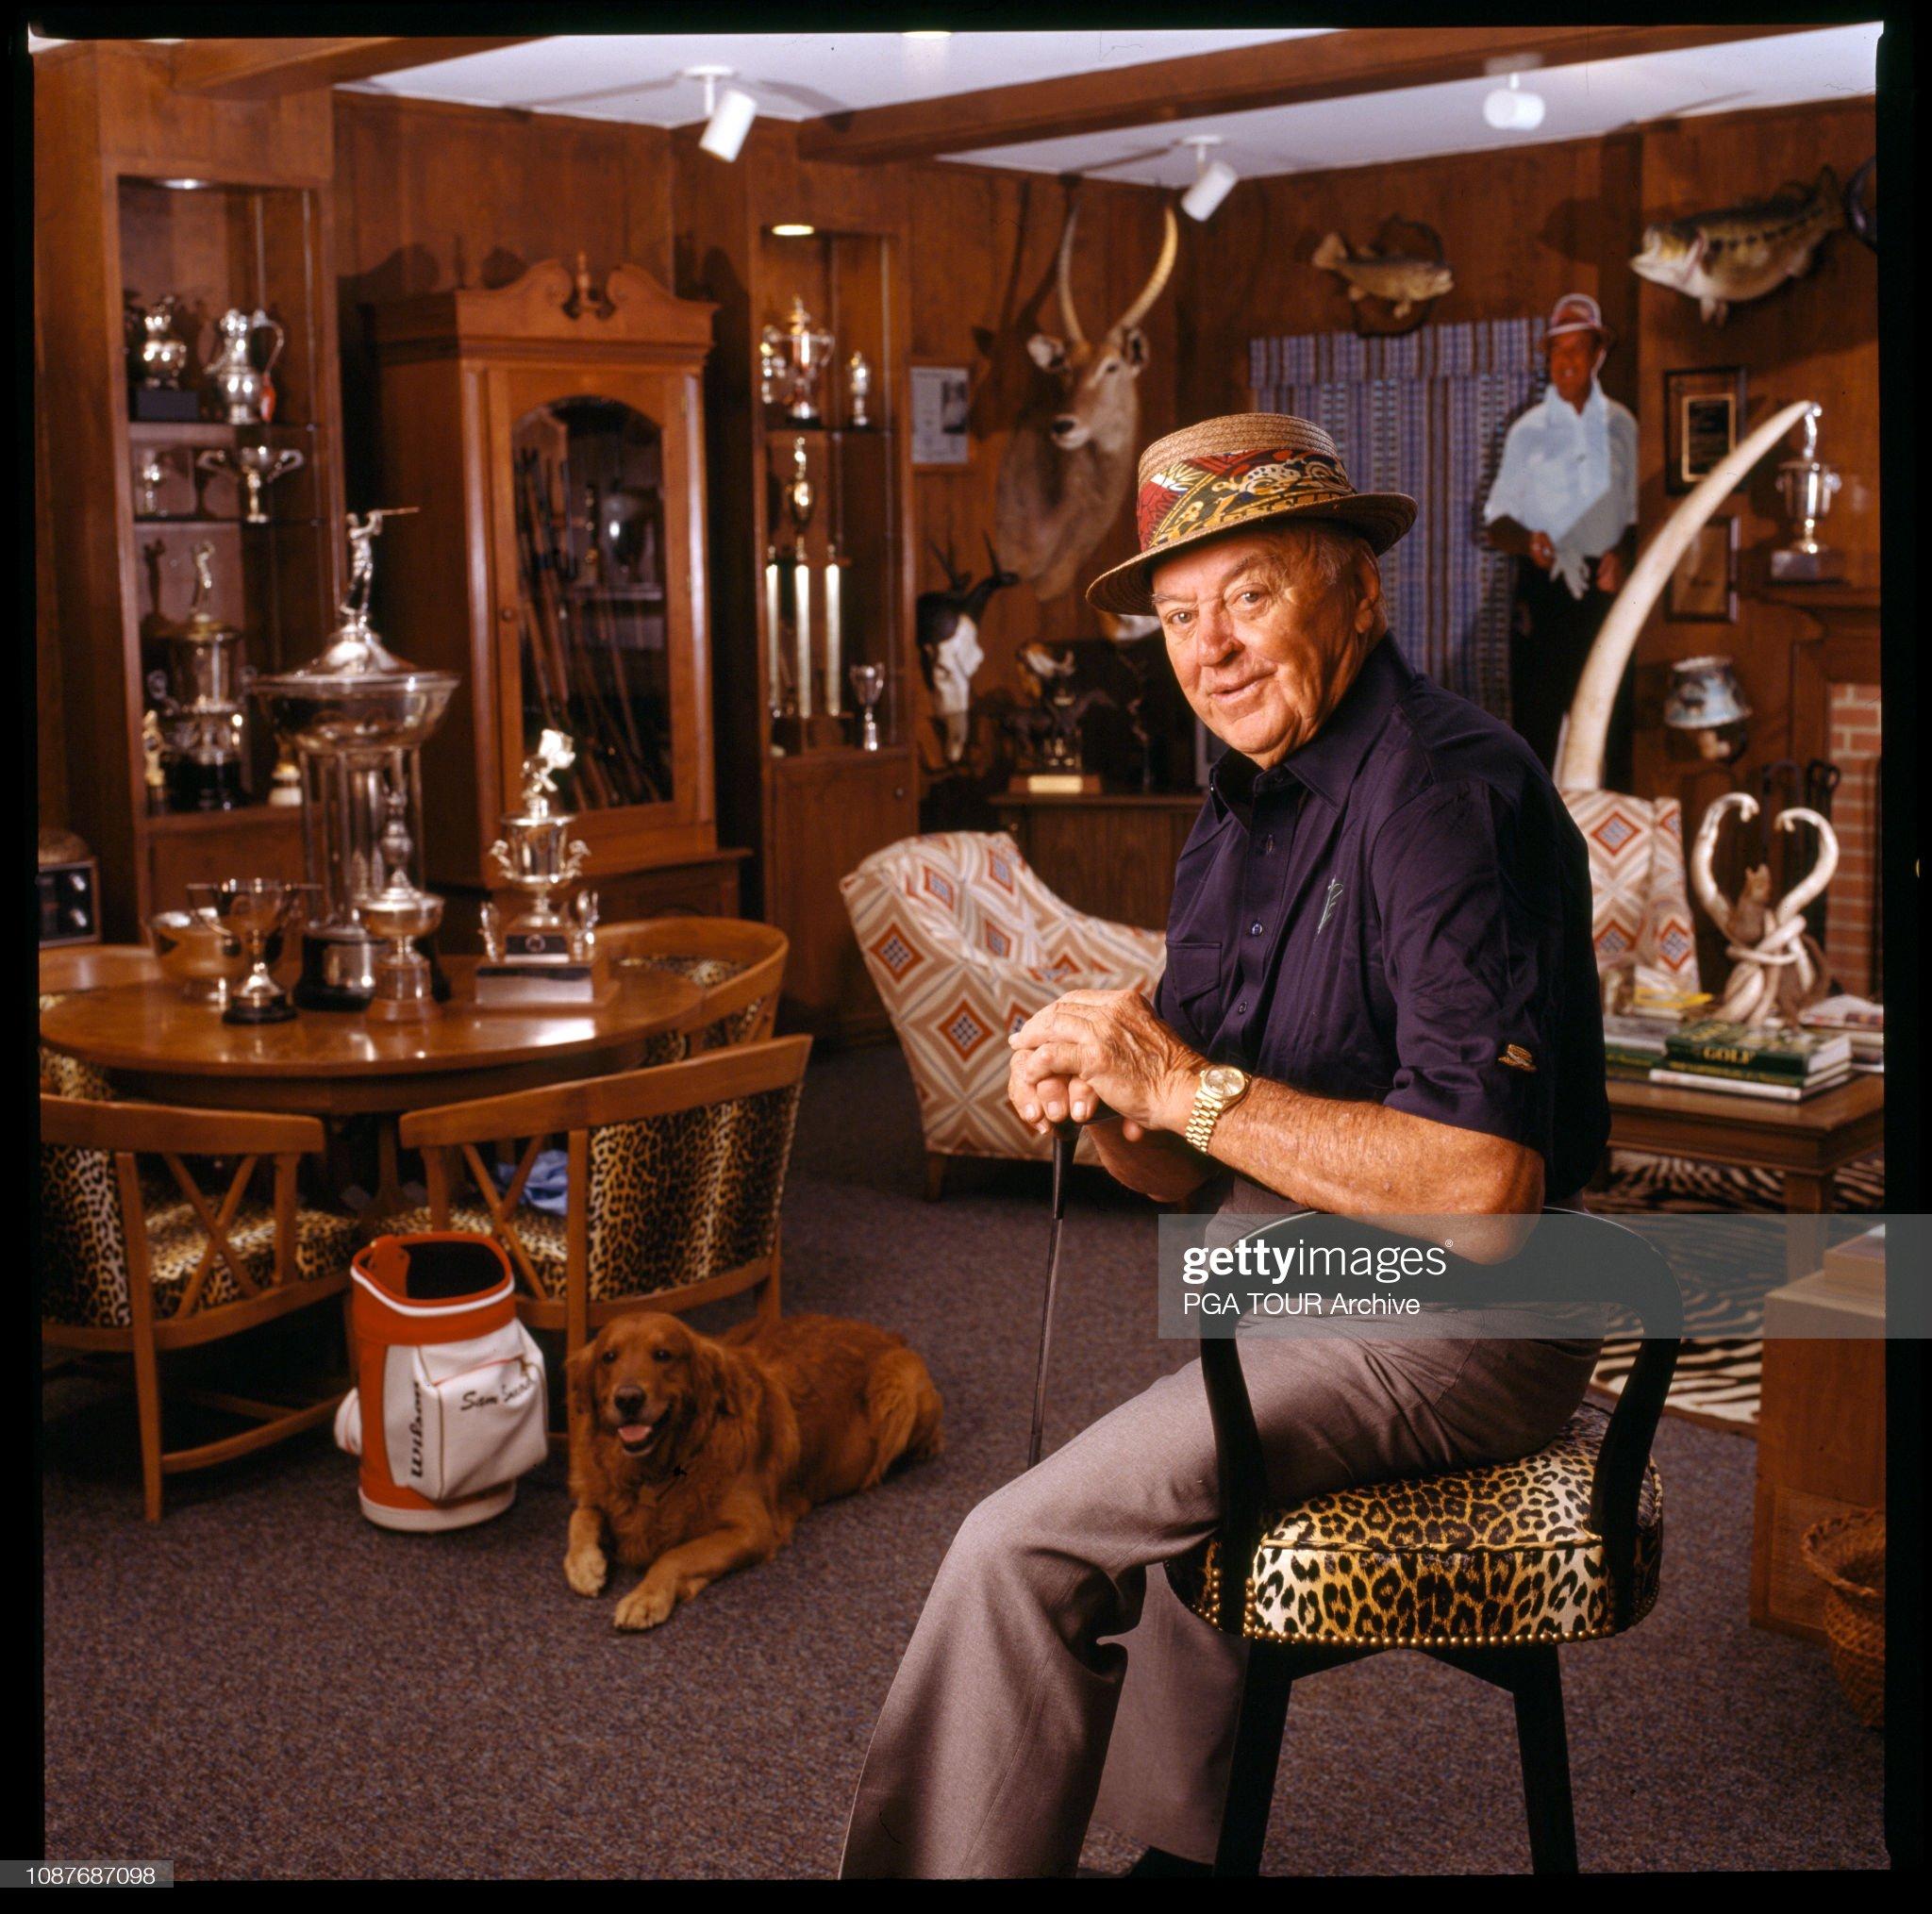 PGA TOUR Archive: Photo d'actualité